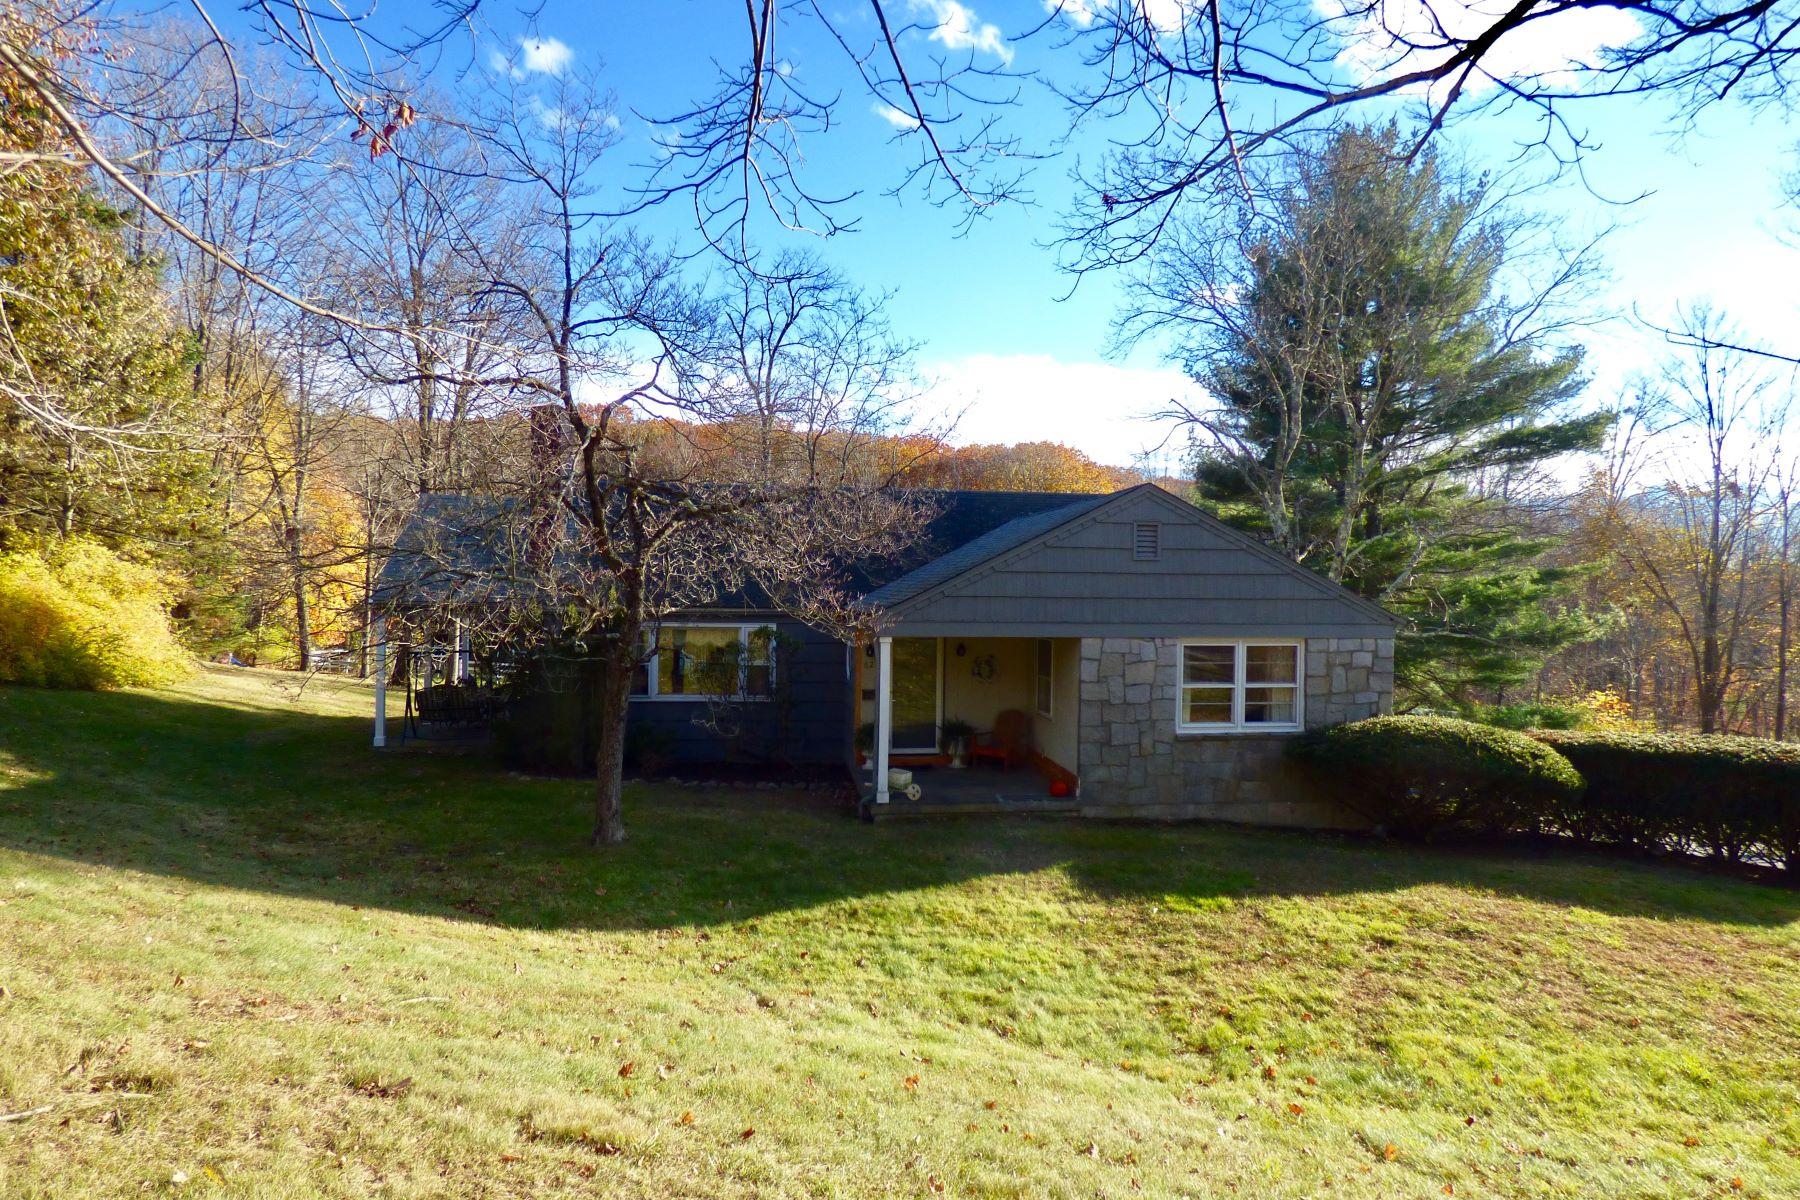 Maison unifamiliale pour l Vente à Horse Property Close to Town 62 Camp Dutton Rd Litchfield, Connecticut, 06759 États-Unis